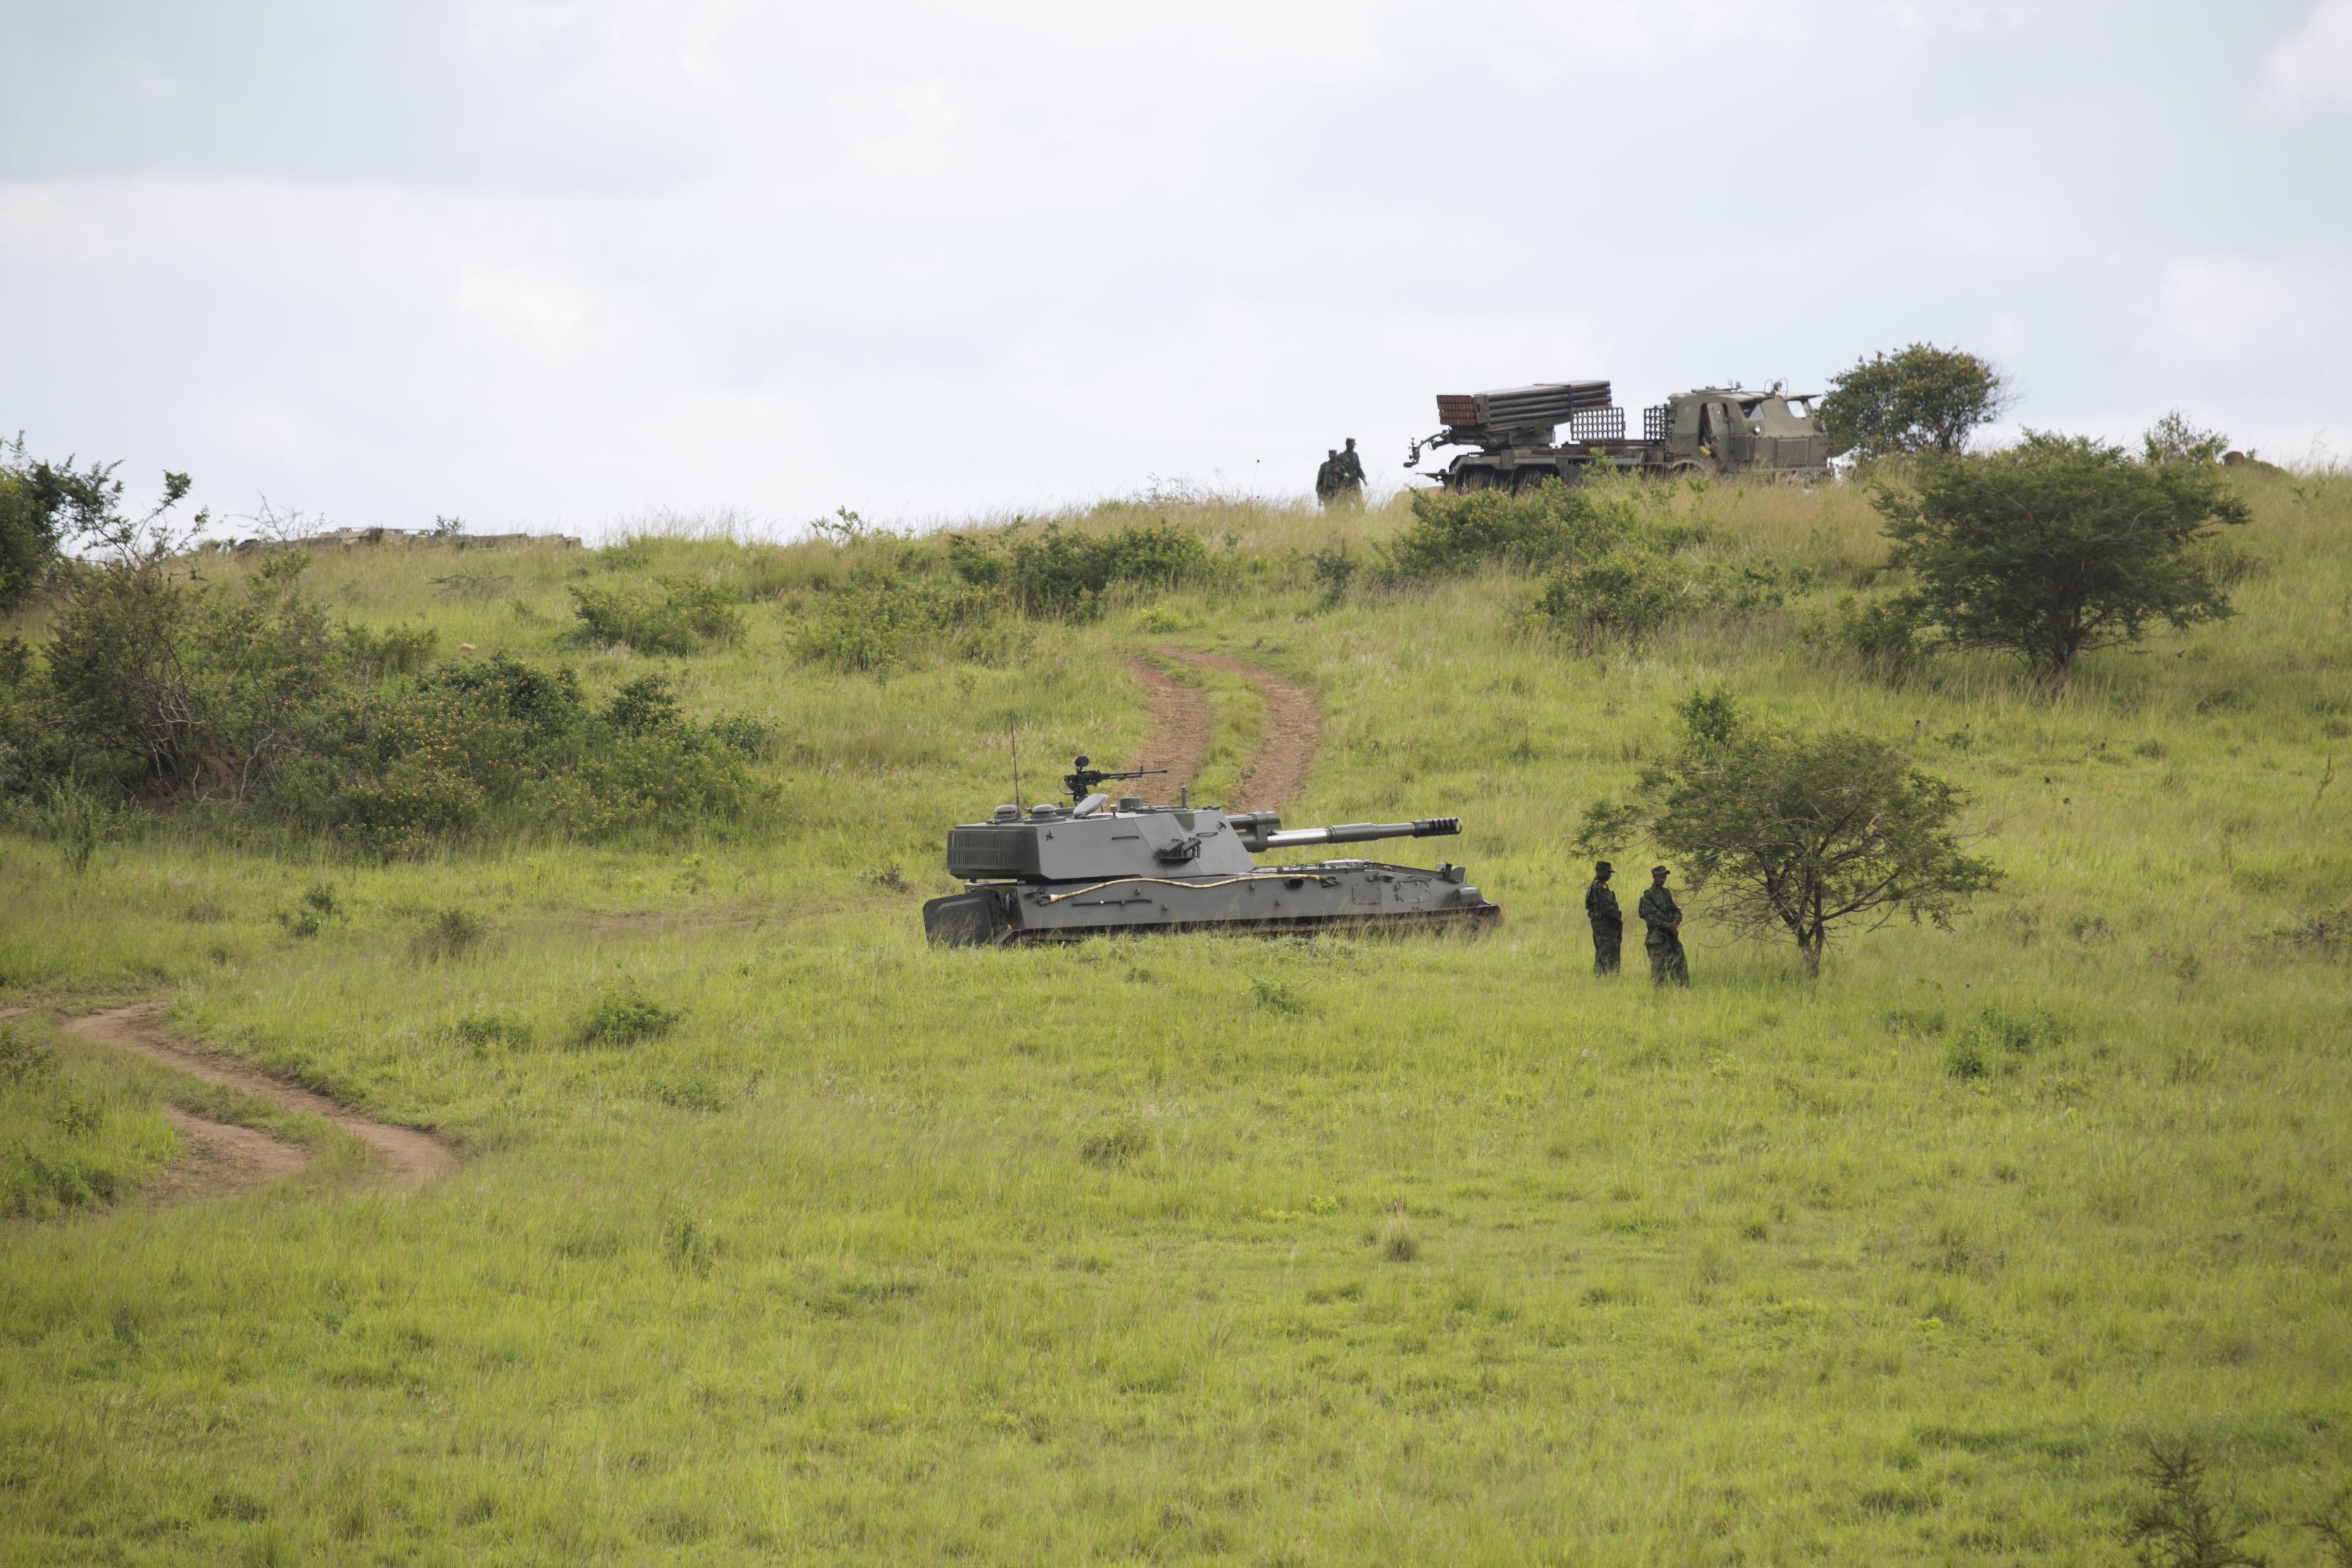 """122-мм самоходная гаубица SН3 китайского производства вооруженных сил Руанды во время показательных учений """"Hard Punch II"""". На заднем плане видна боевая машина 122-мм РСЗО RM-70 чехословацкого производства (пять систем были приобретены Руандой в Словакии в 1997 году). Габиро (Руанда), 10.11.2017."""